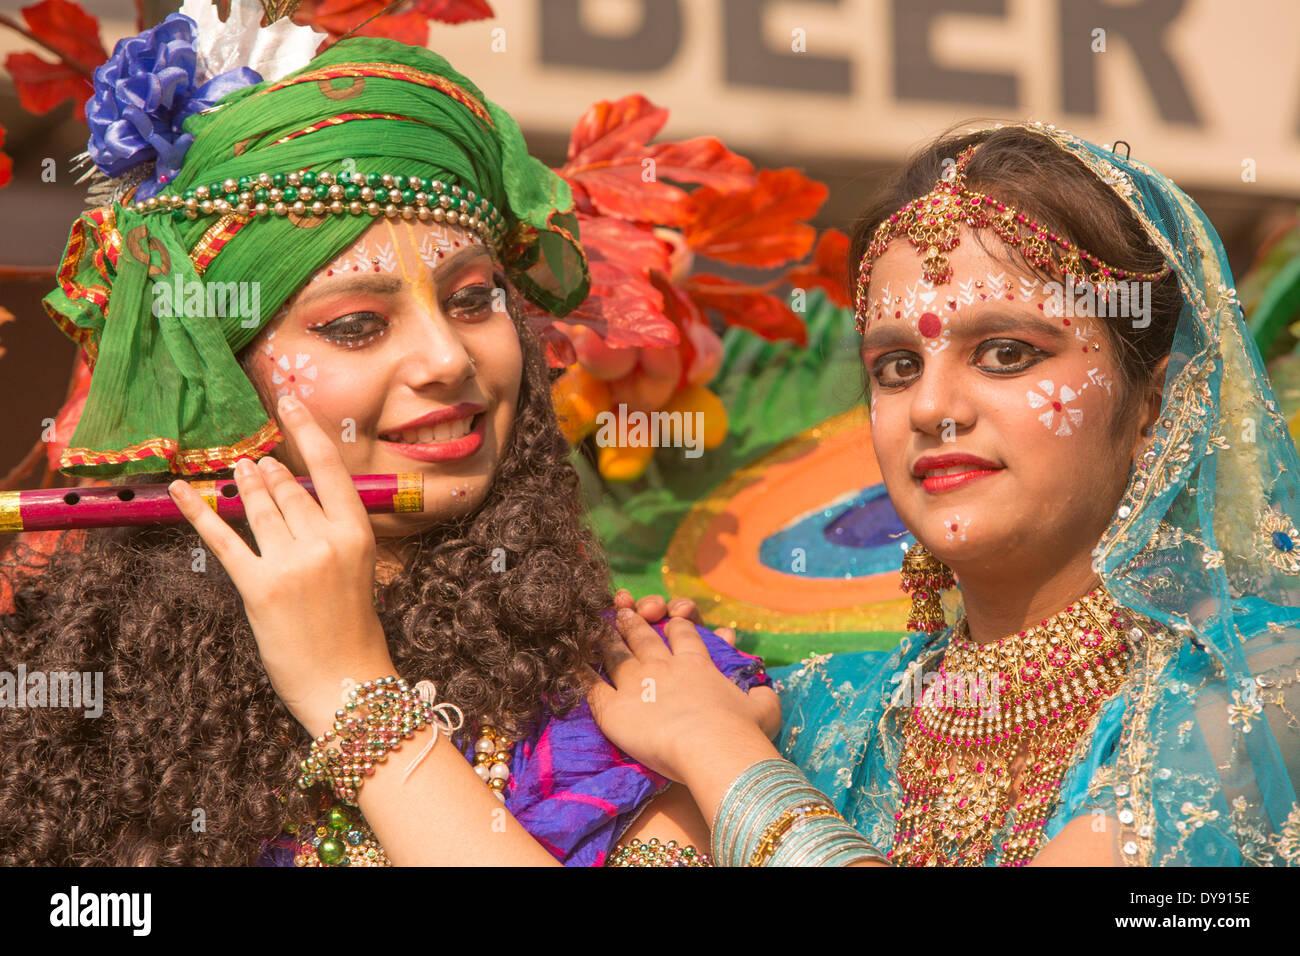 Persone, Delhi, Asia, paese, città, donne, tradizionale, Immagini Stock